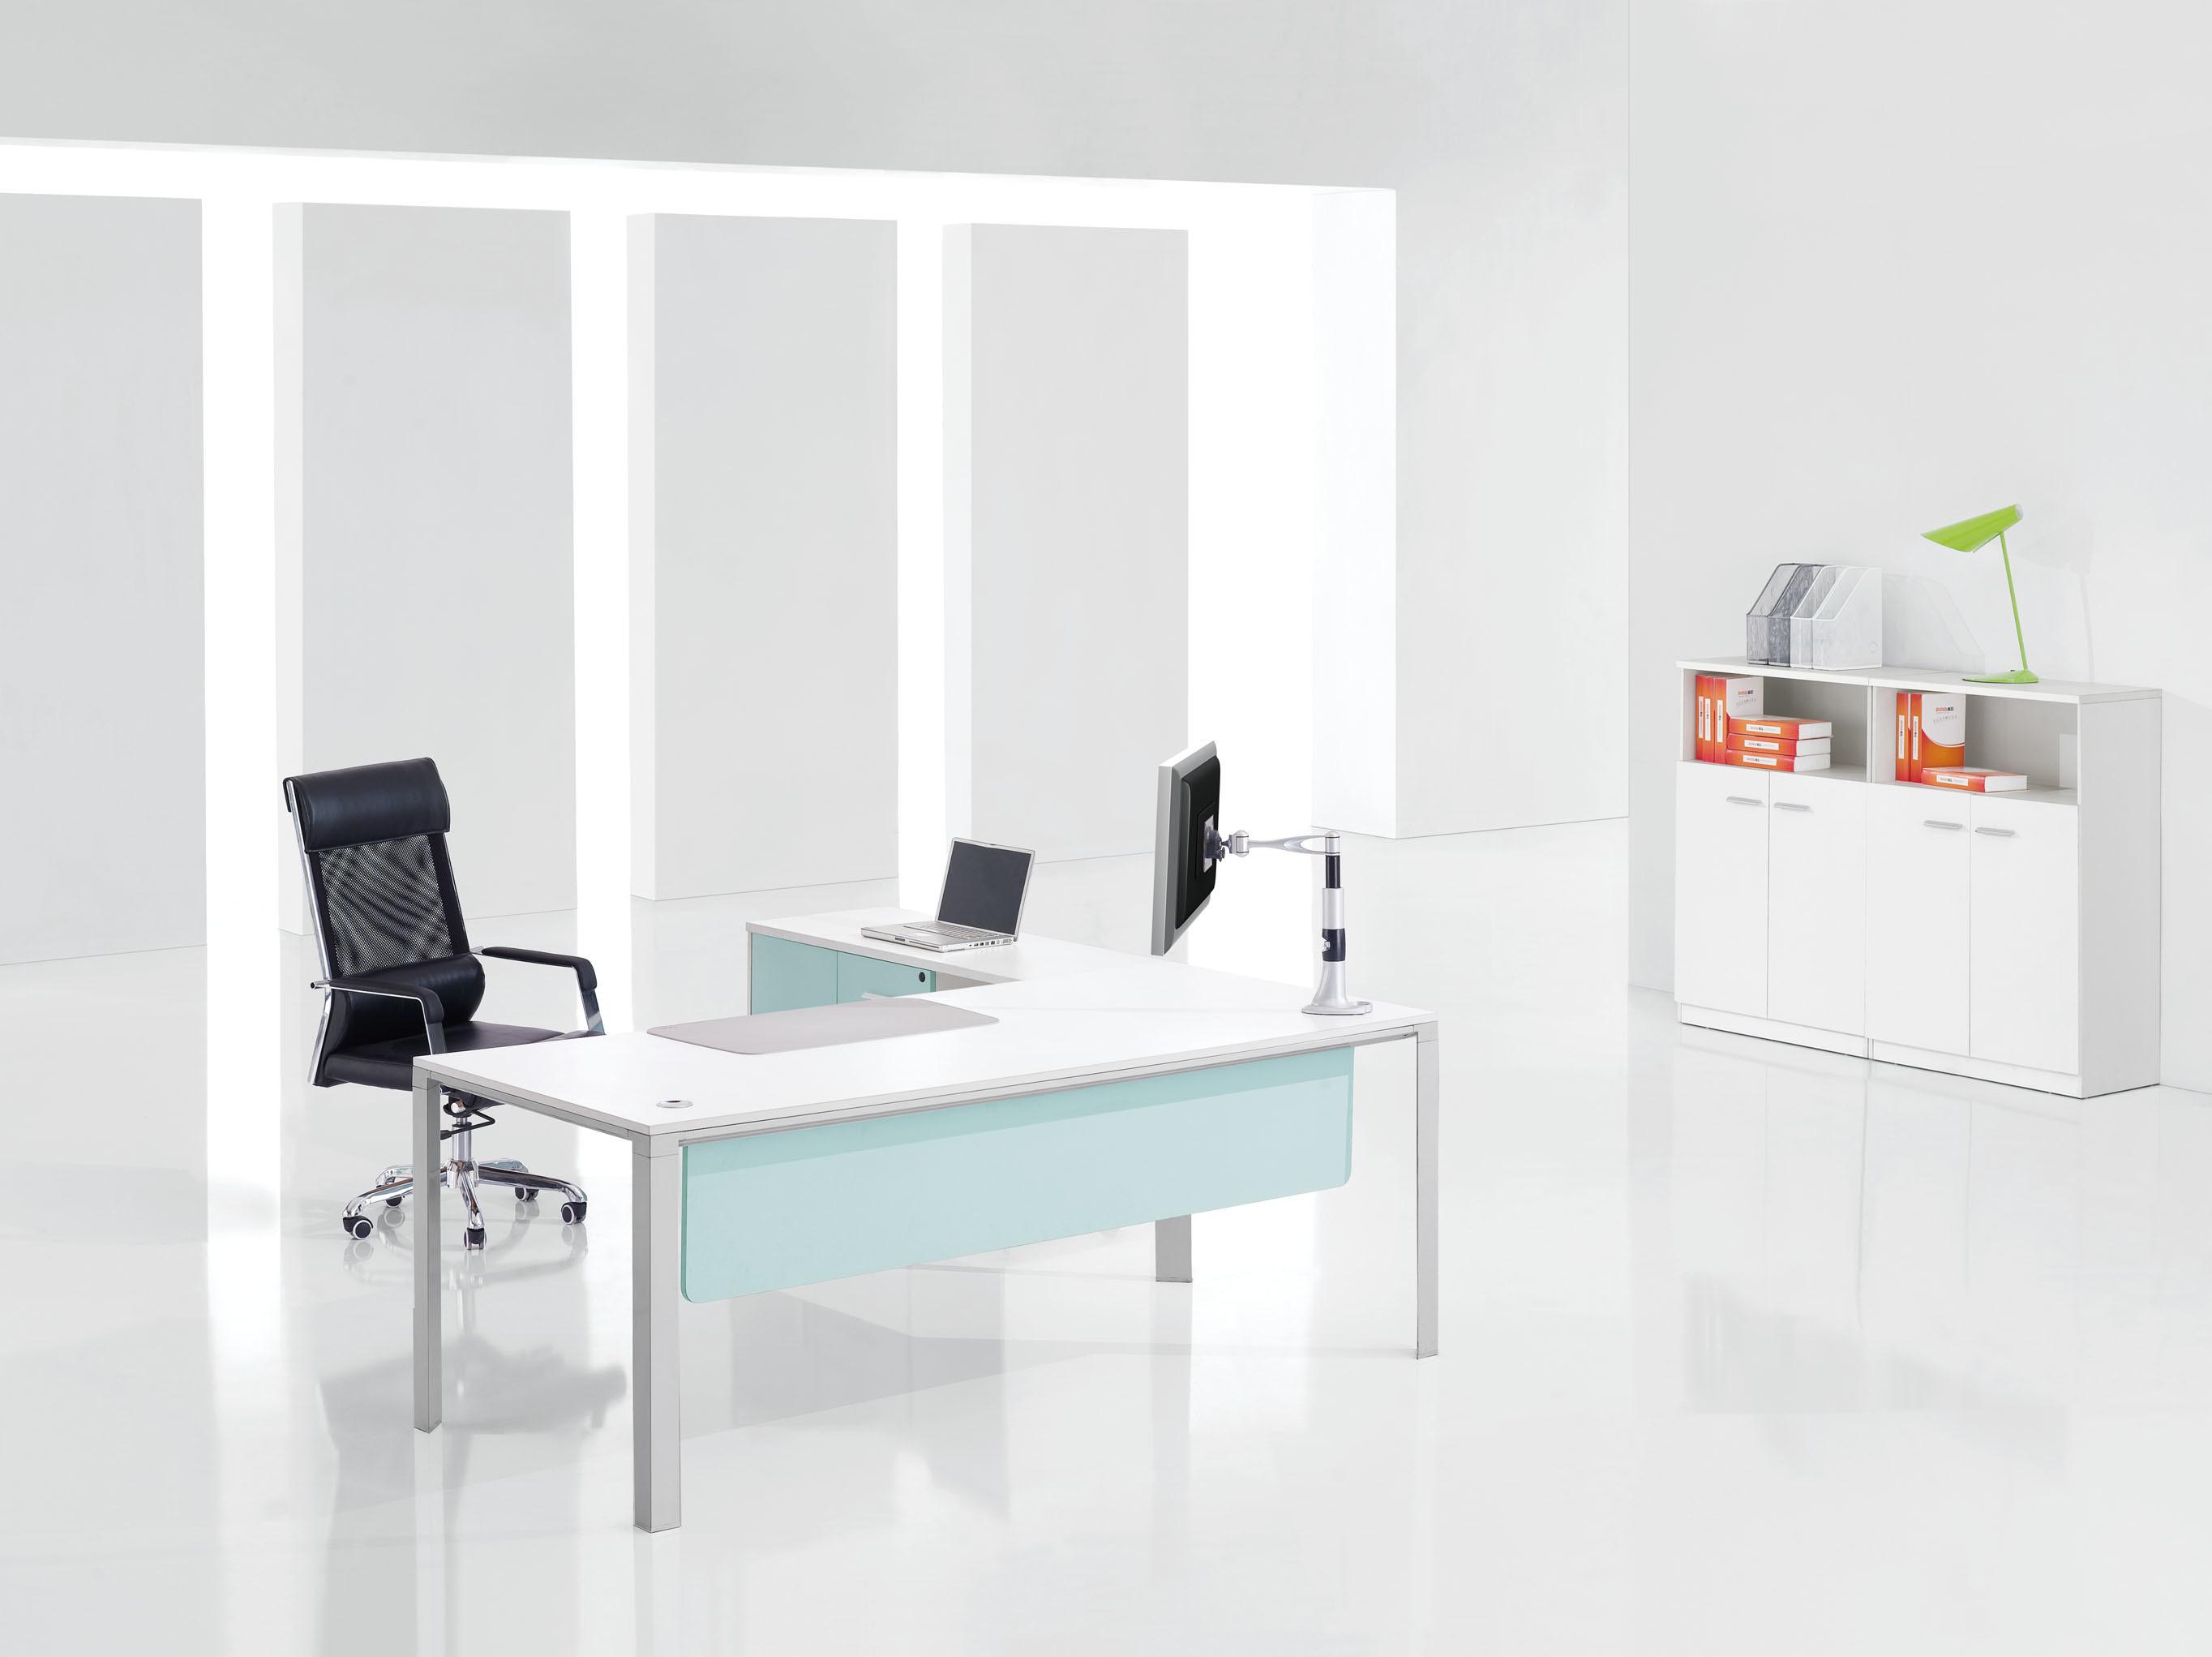 aluminio del encargado del escritorio MDF de los muebles de oficinas